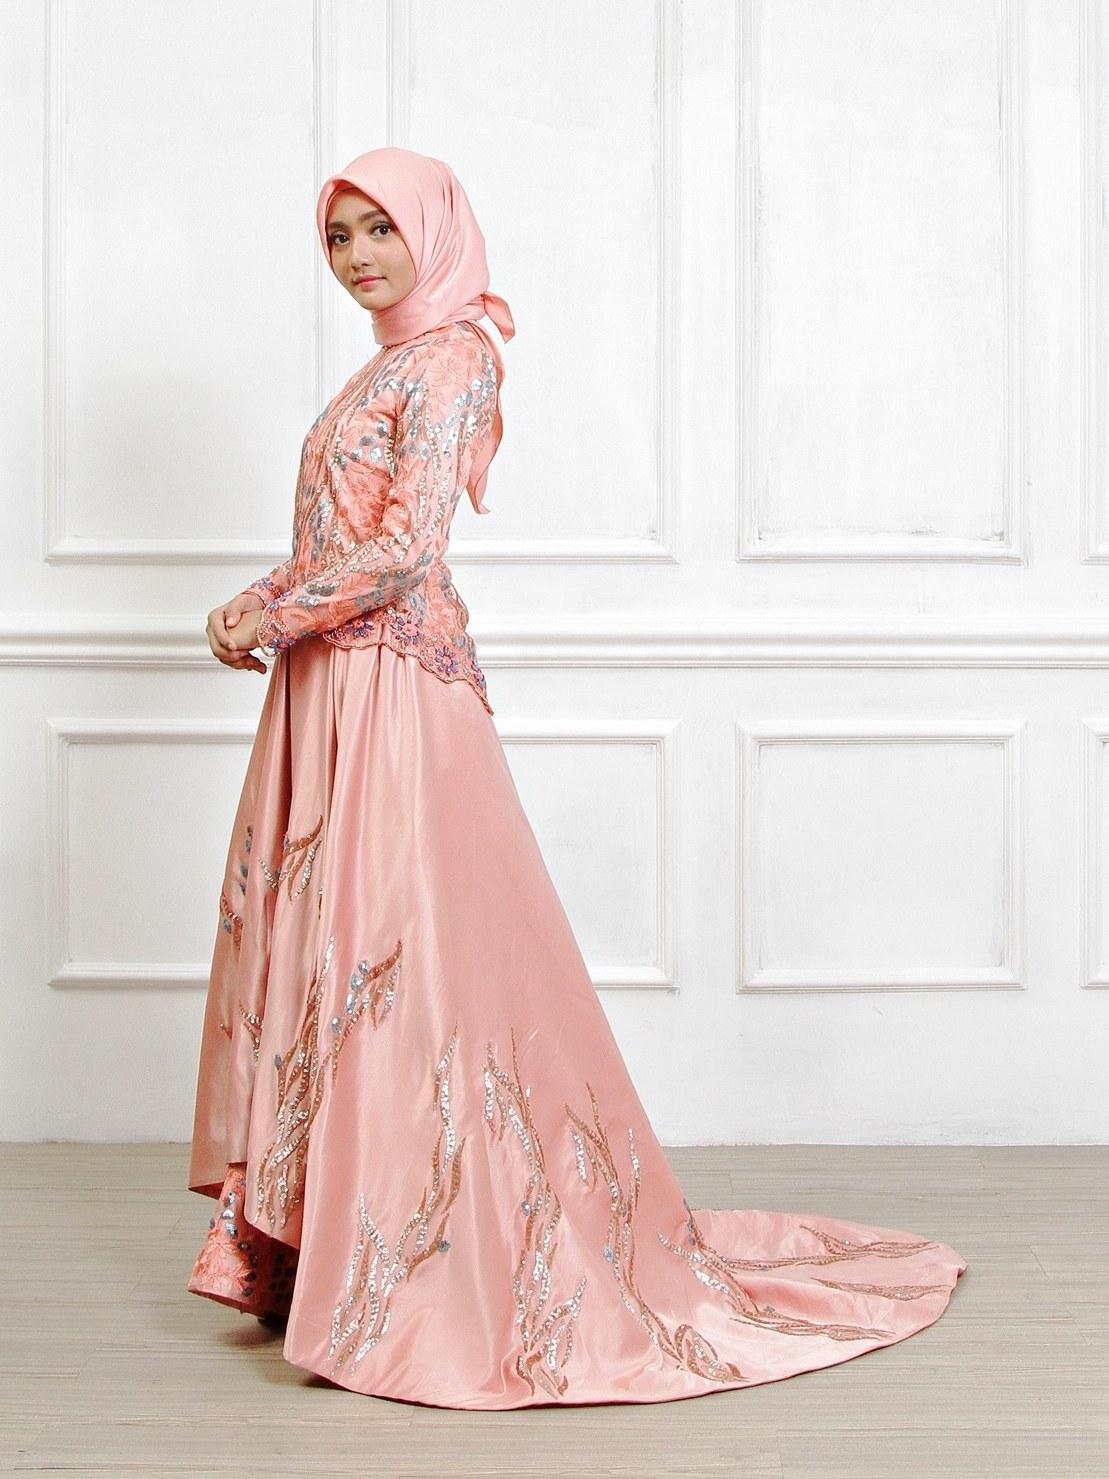 Bentuk Sewa Gaun Pengantin Muslimah Jogja Qwdq Sewa Perdana Baju Pengantin Muslimah Jogja Gaun Pengantin